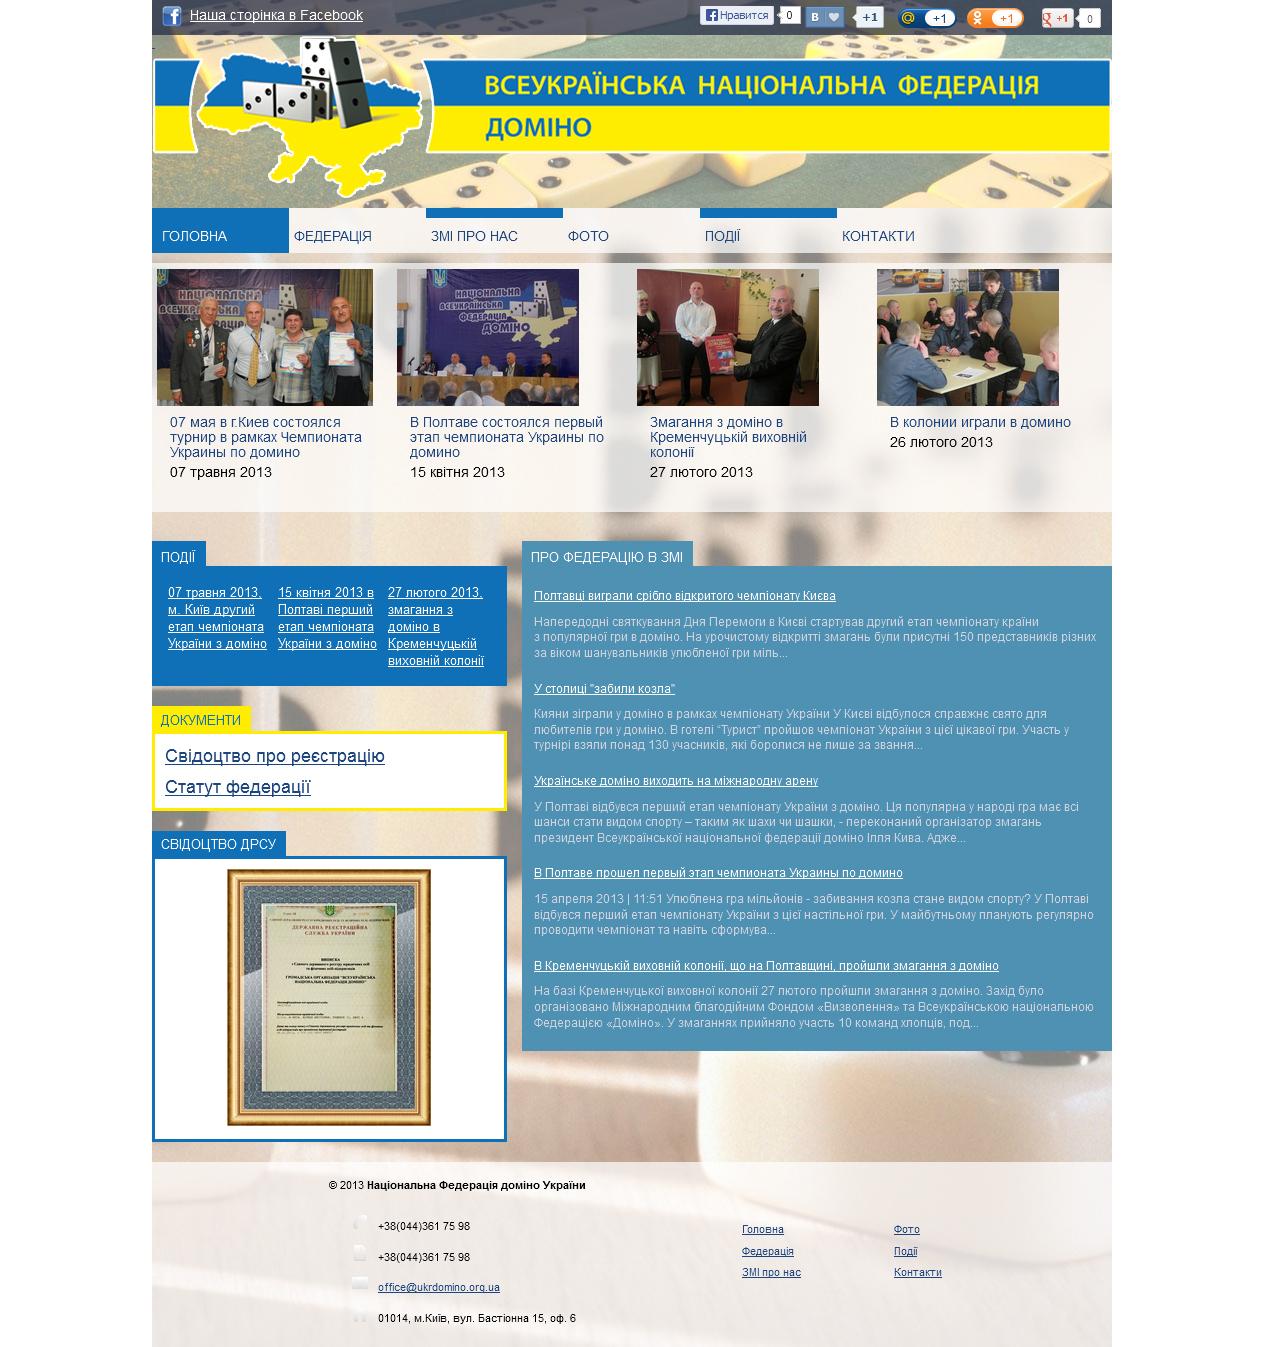 Сайт федерации домино Украины